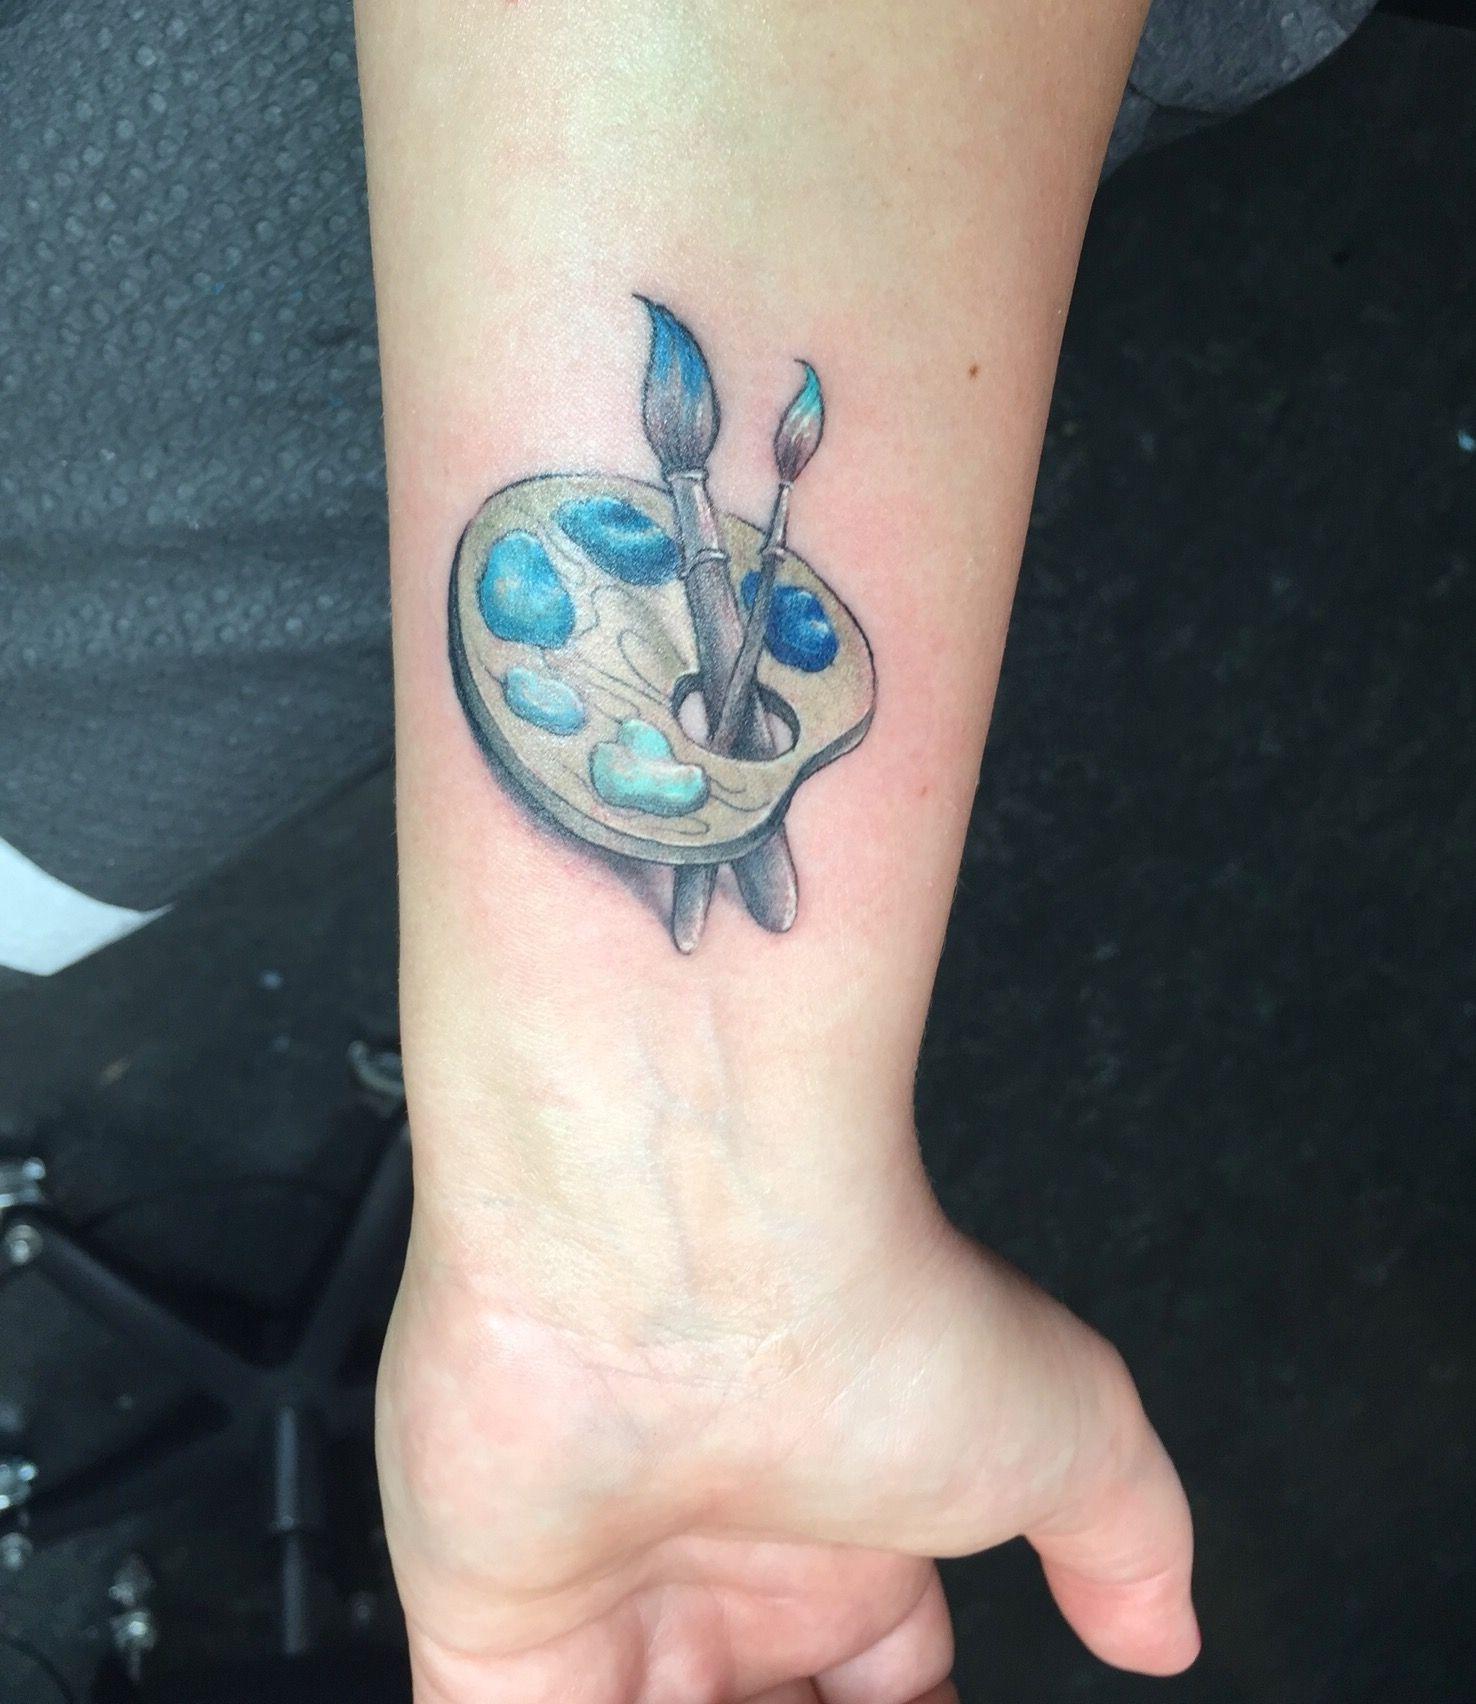 Artist Paint Palette Tattoo By Marie Sherping Ink Tattoo Weird Tattoos Art Tattoo